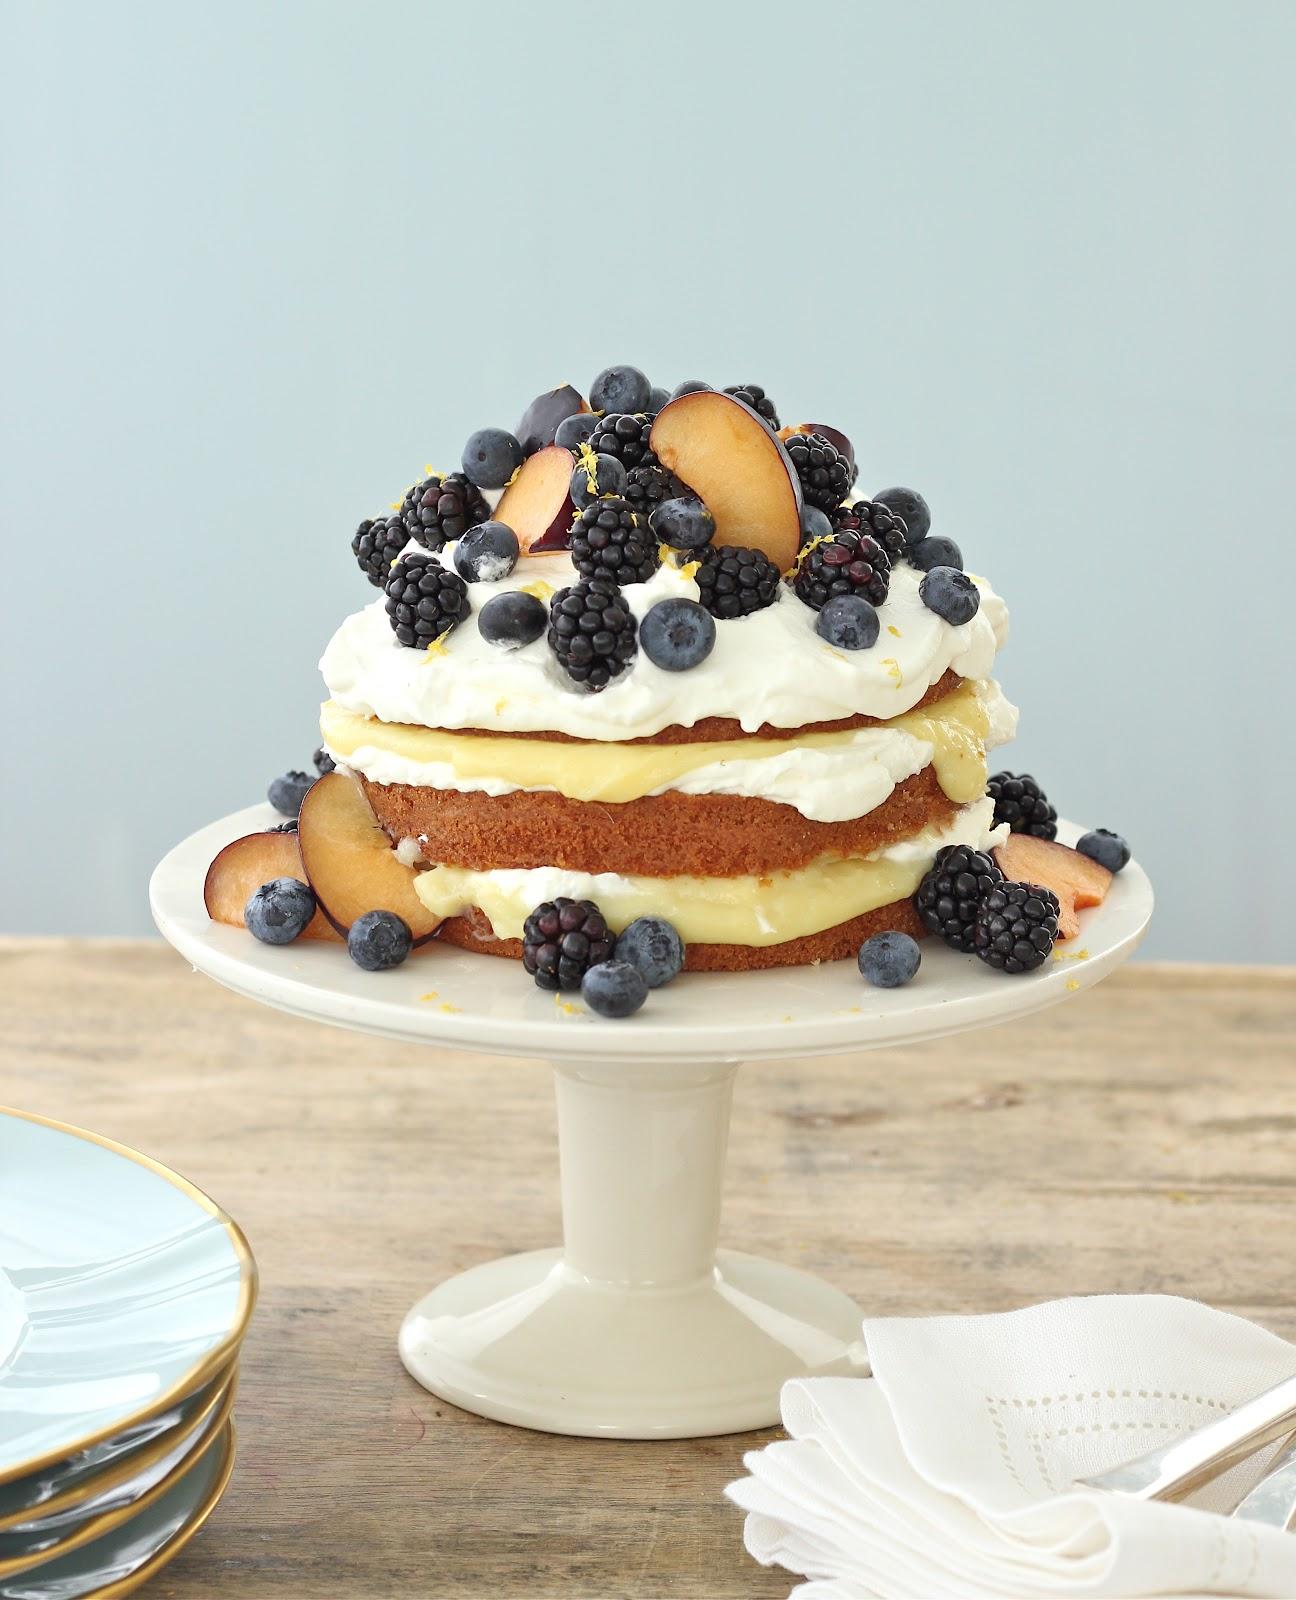 ... Cake with Lemon Curd Creme, Blackberries, Blue Berries & Black Plums